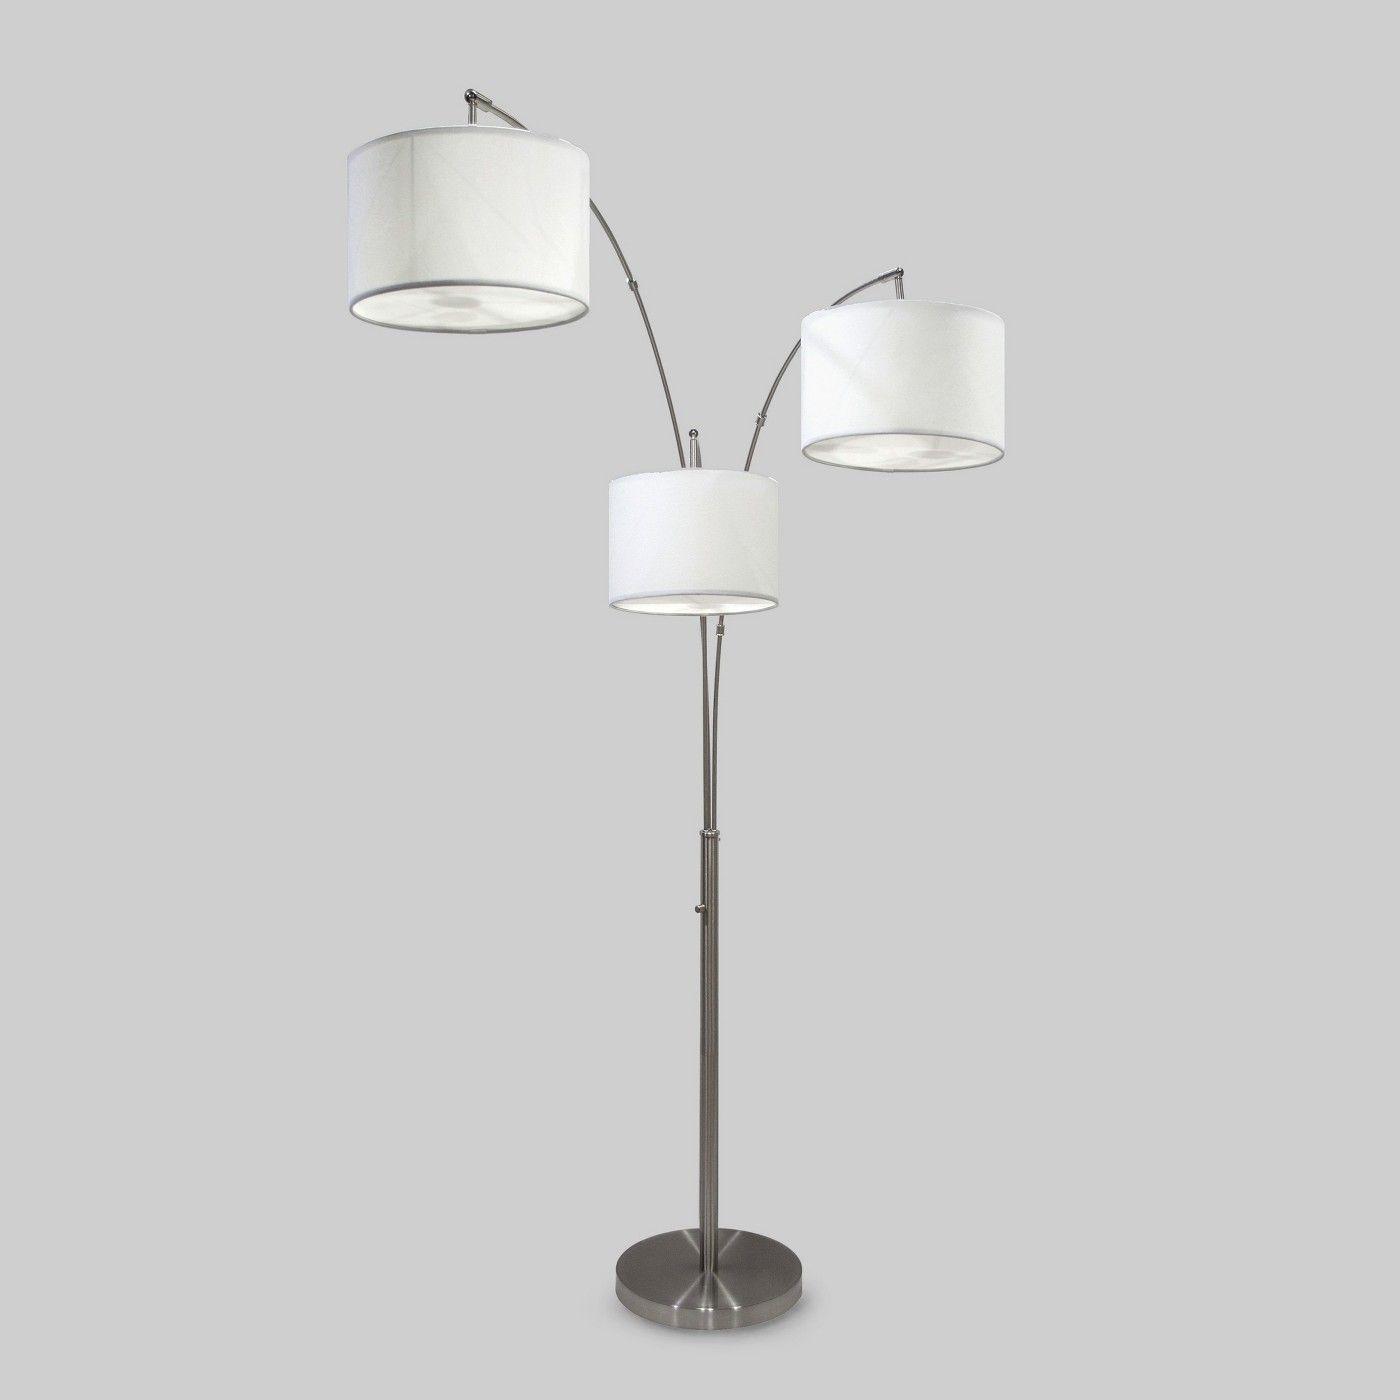 Avenal Shaded Arc Floor Lamp  Arc floor lamps, Energy efficient